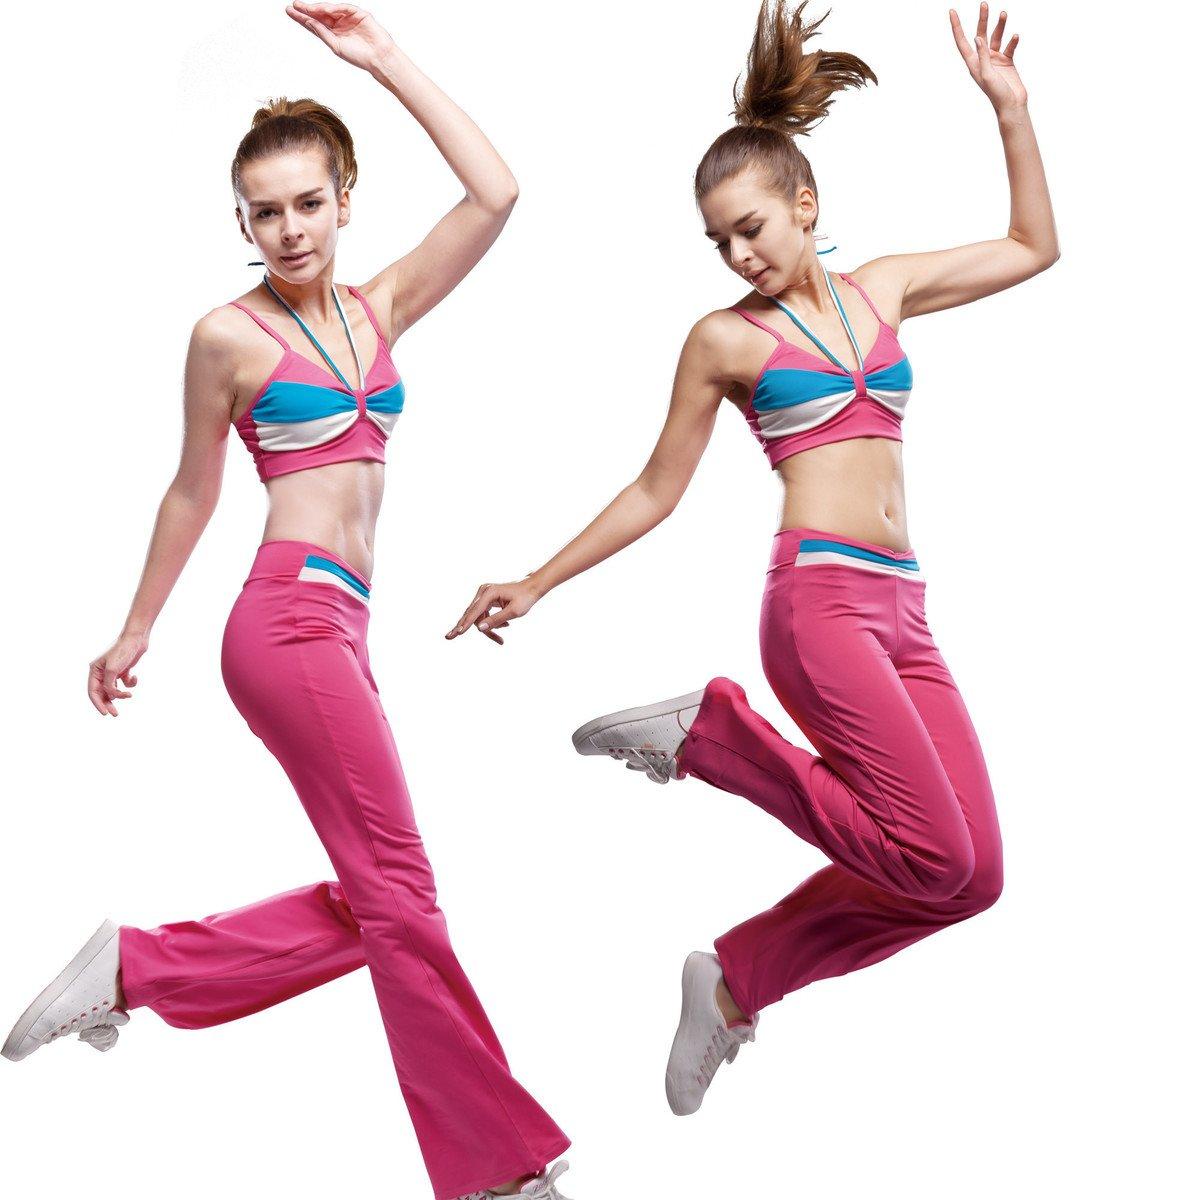 Зазор фитнес одежда перейти упражнение одежда дорога ирак брахма перейти шаг женская одежда лето модель танец костюм 21124